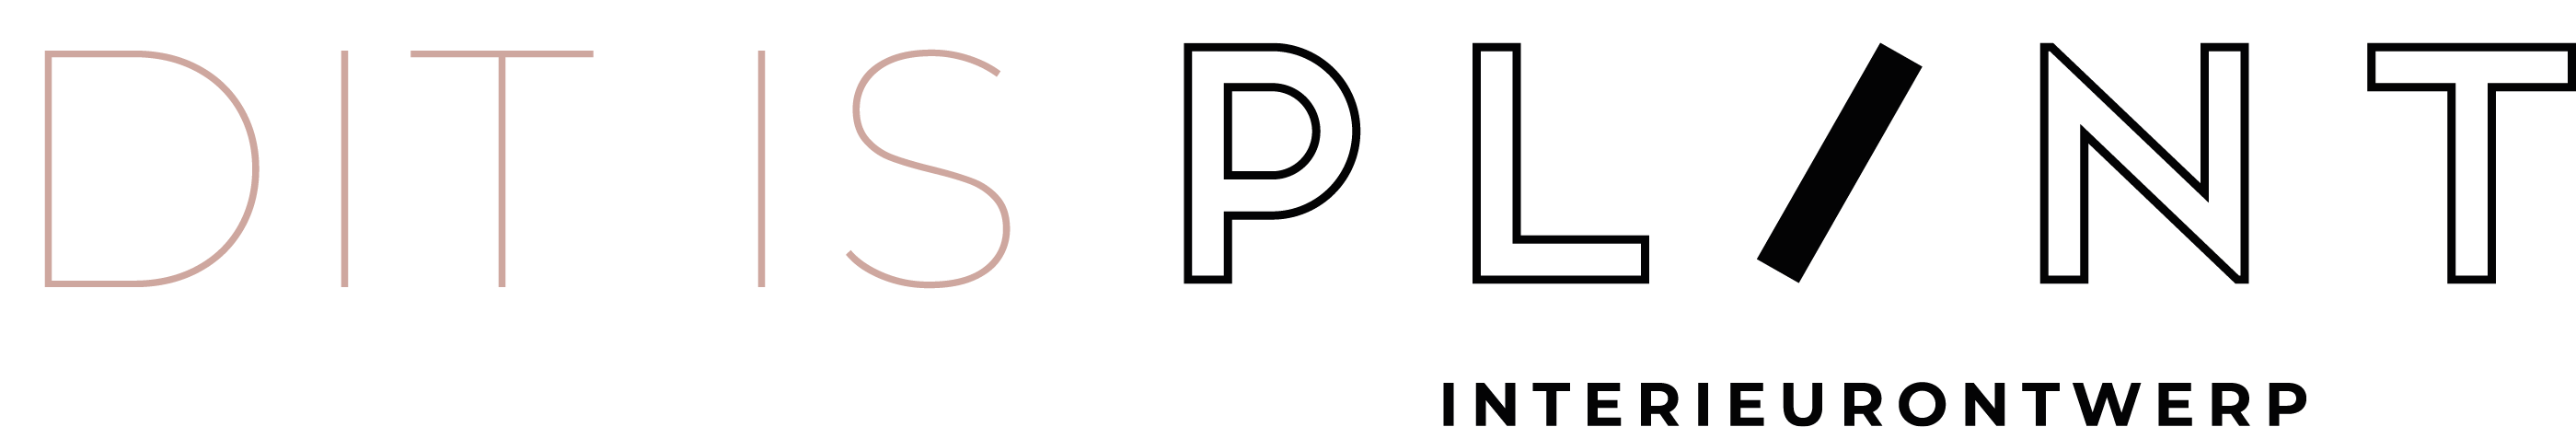 plint_header